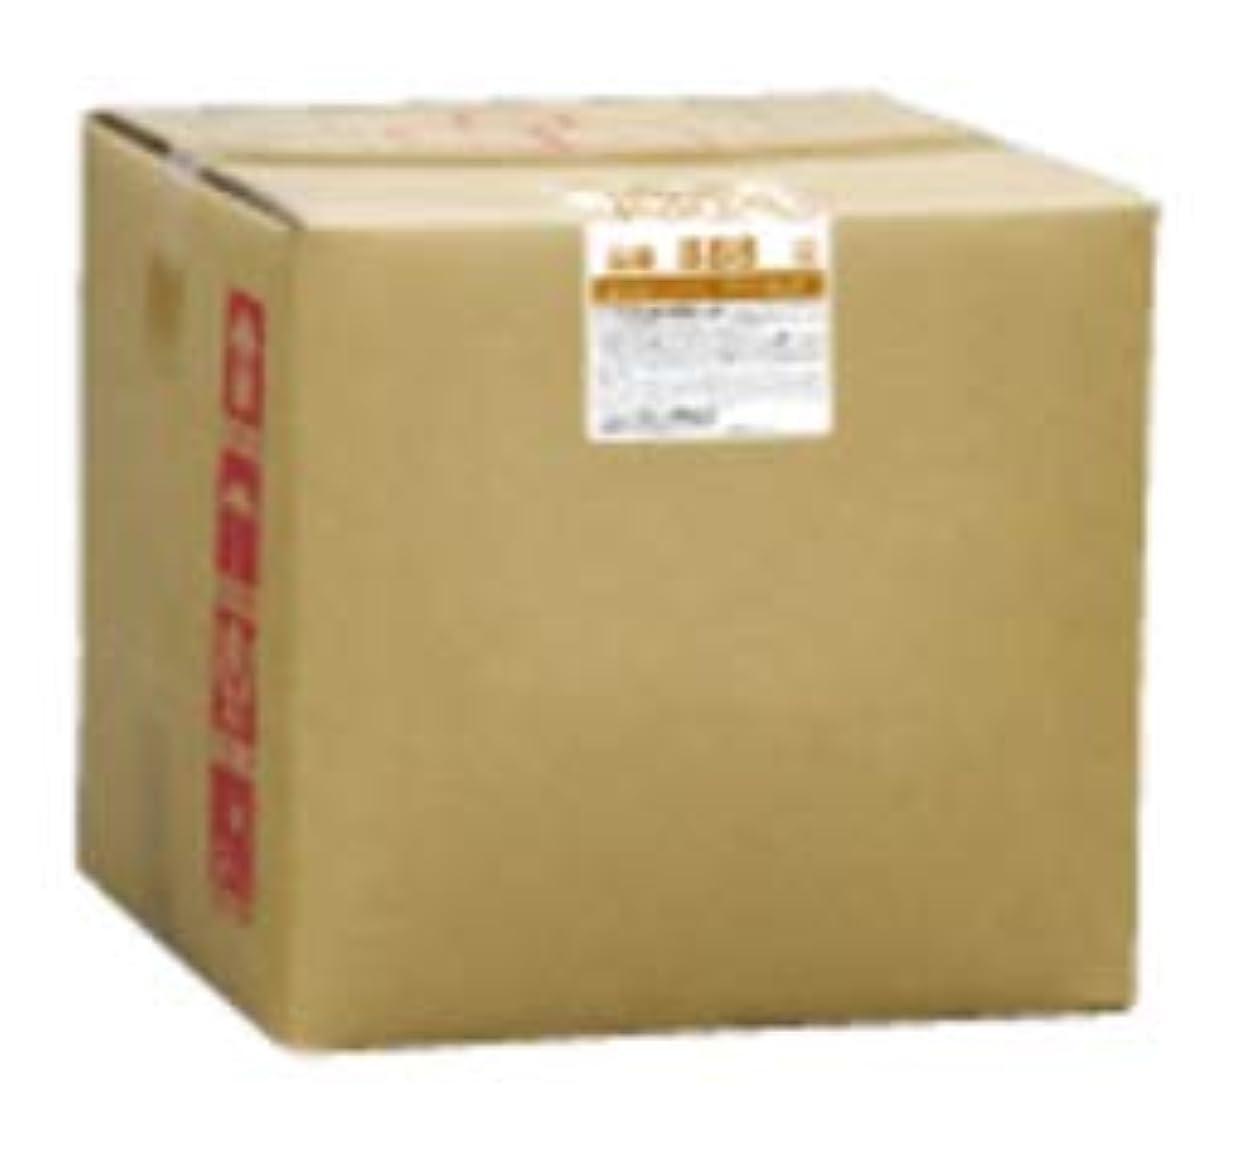 回路チャンバーいわゆるフタバ化学 ラコンサ RakhOansat コンディショナー 18L 詰め替え 480ml専用空容器付